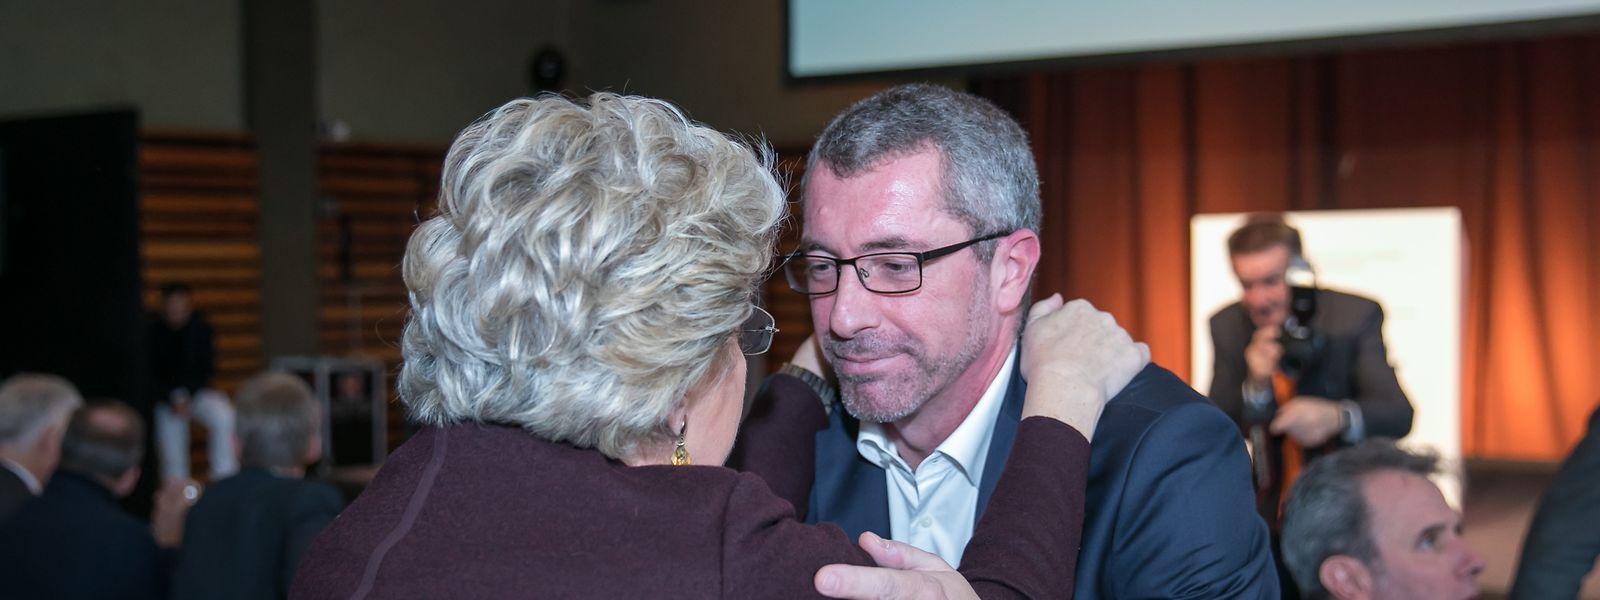 Frank Engel: Glückwunsch von Viviane Reding, die 2014 das erfolgreiche CSV-Sextett bei den Europwahlen anführte.